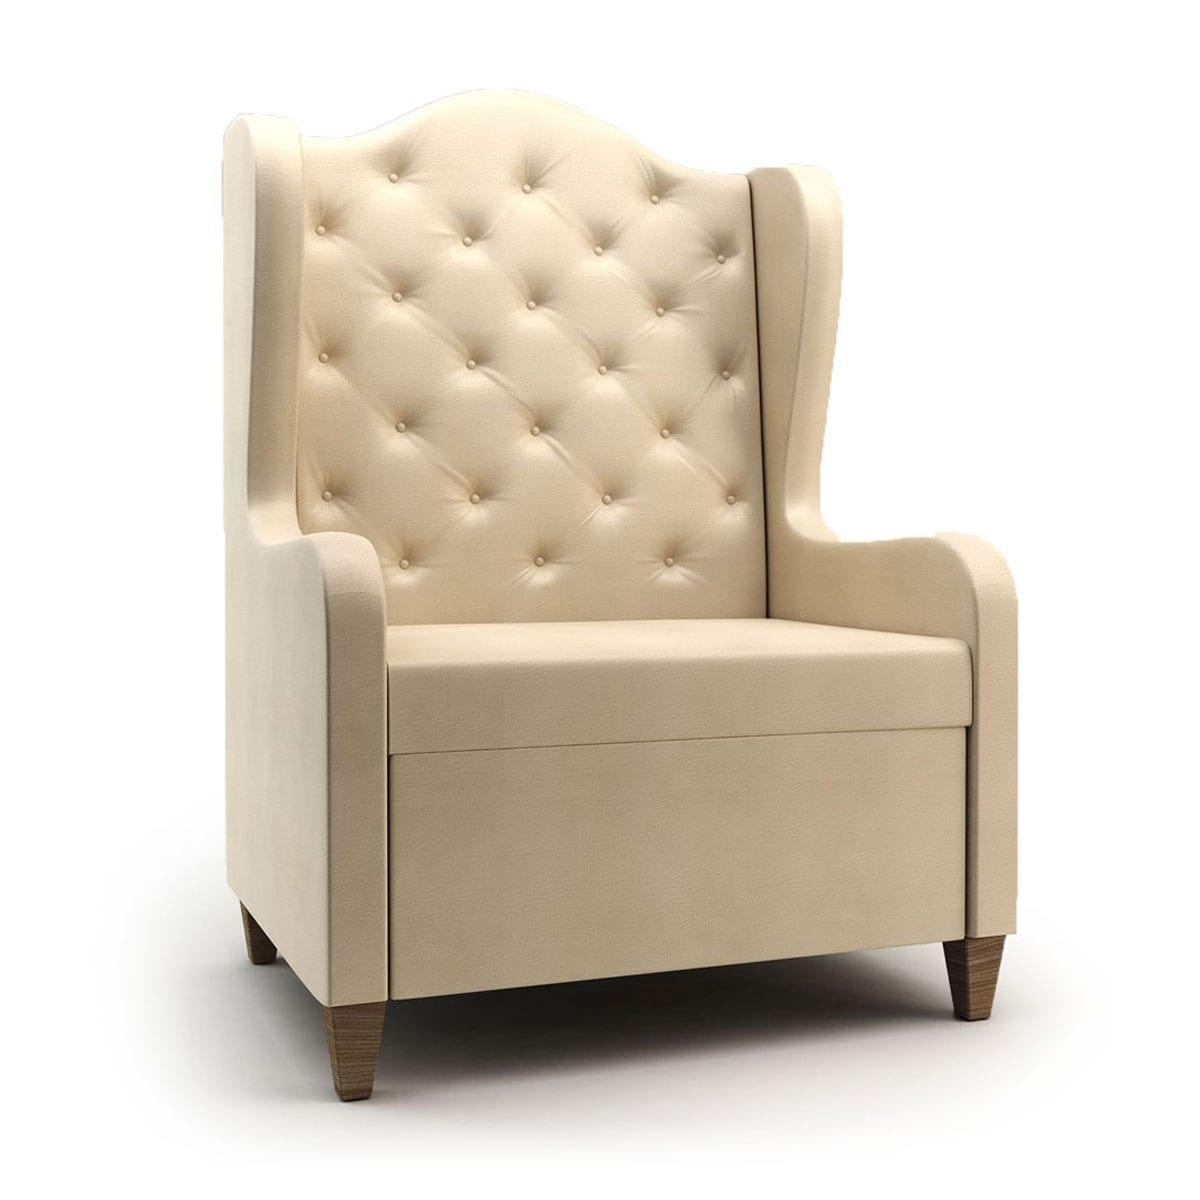 gastown-chair-2017b